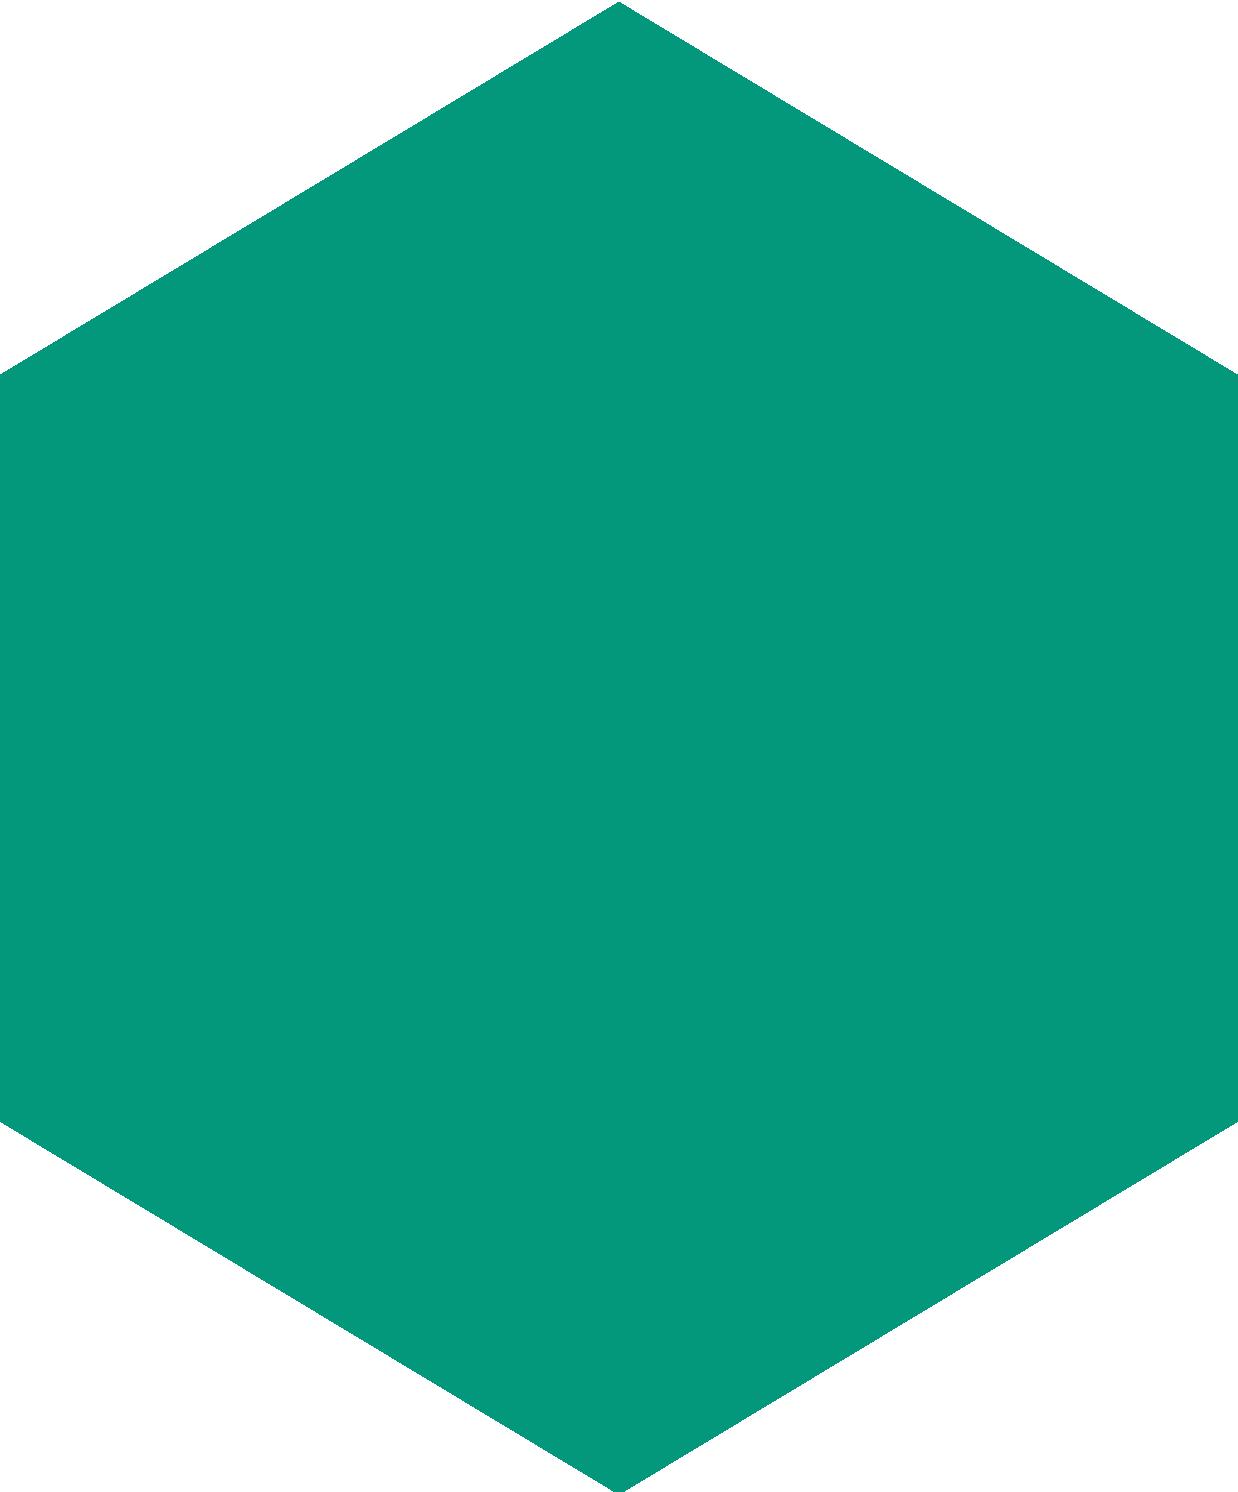 alvéoles-vert-d-o-01